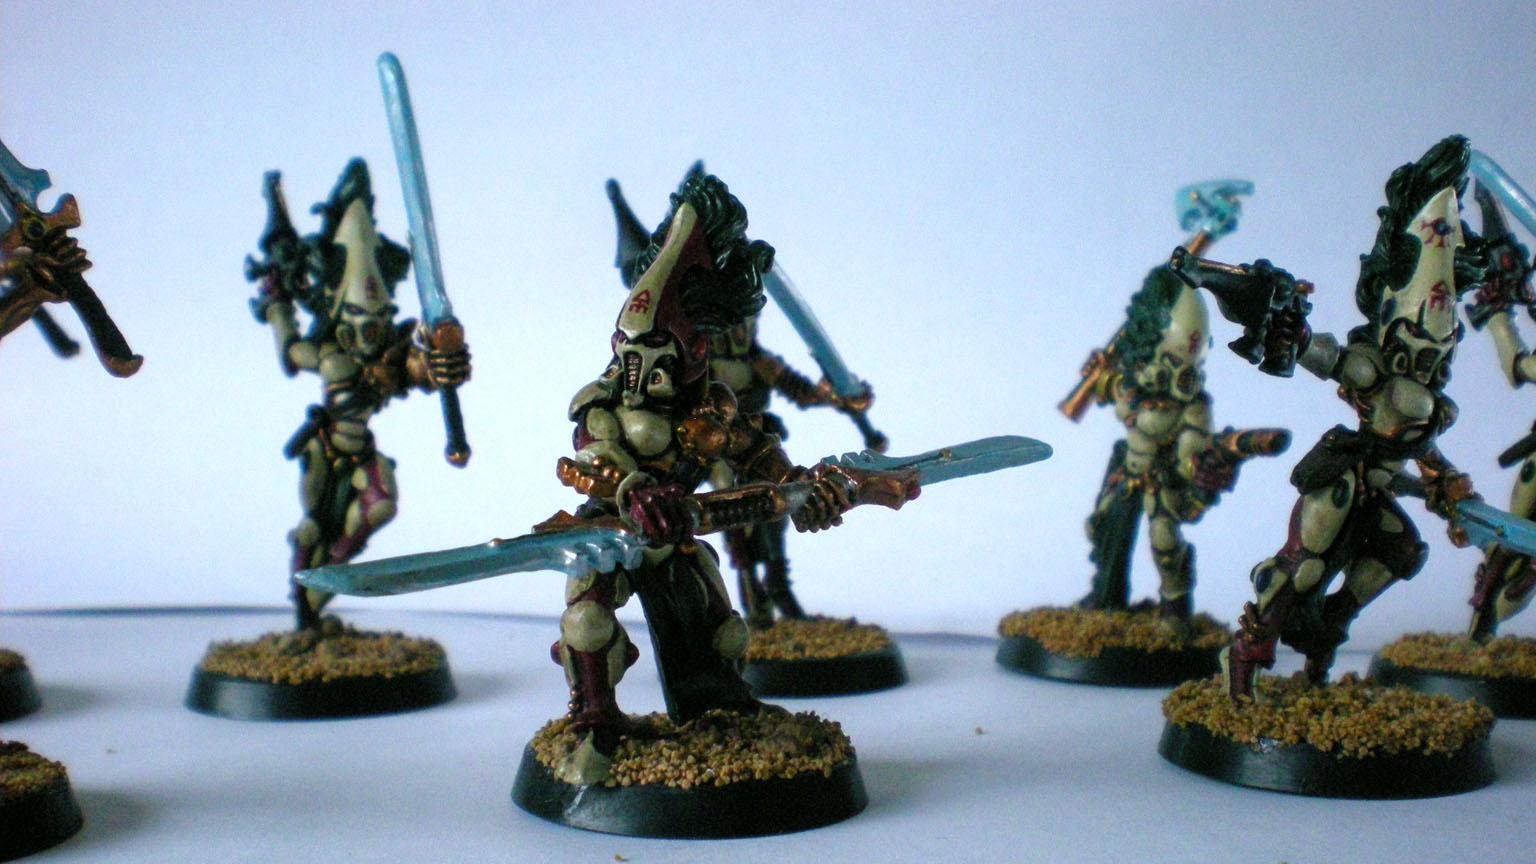 Craftworld, Eldar, Howling Banshees, Kuronash, Saim-hann